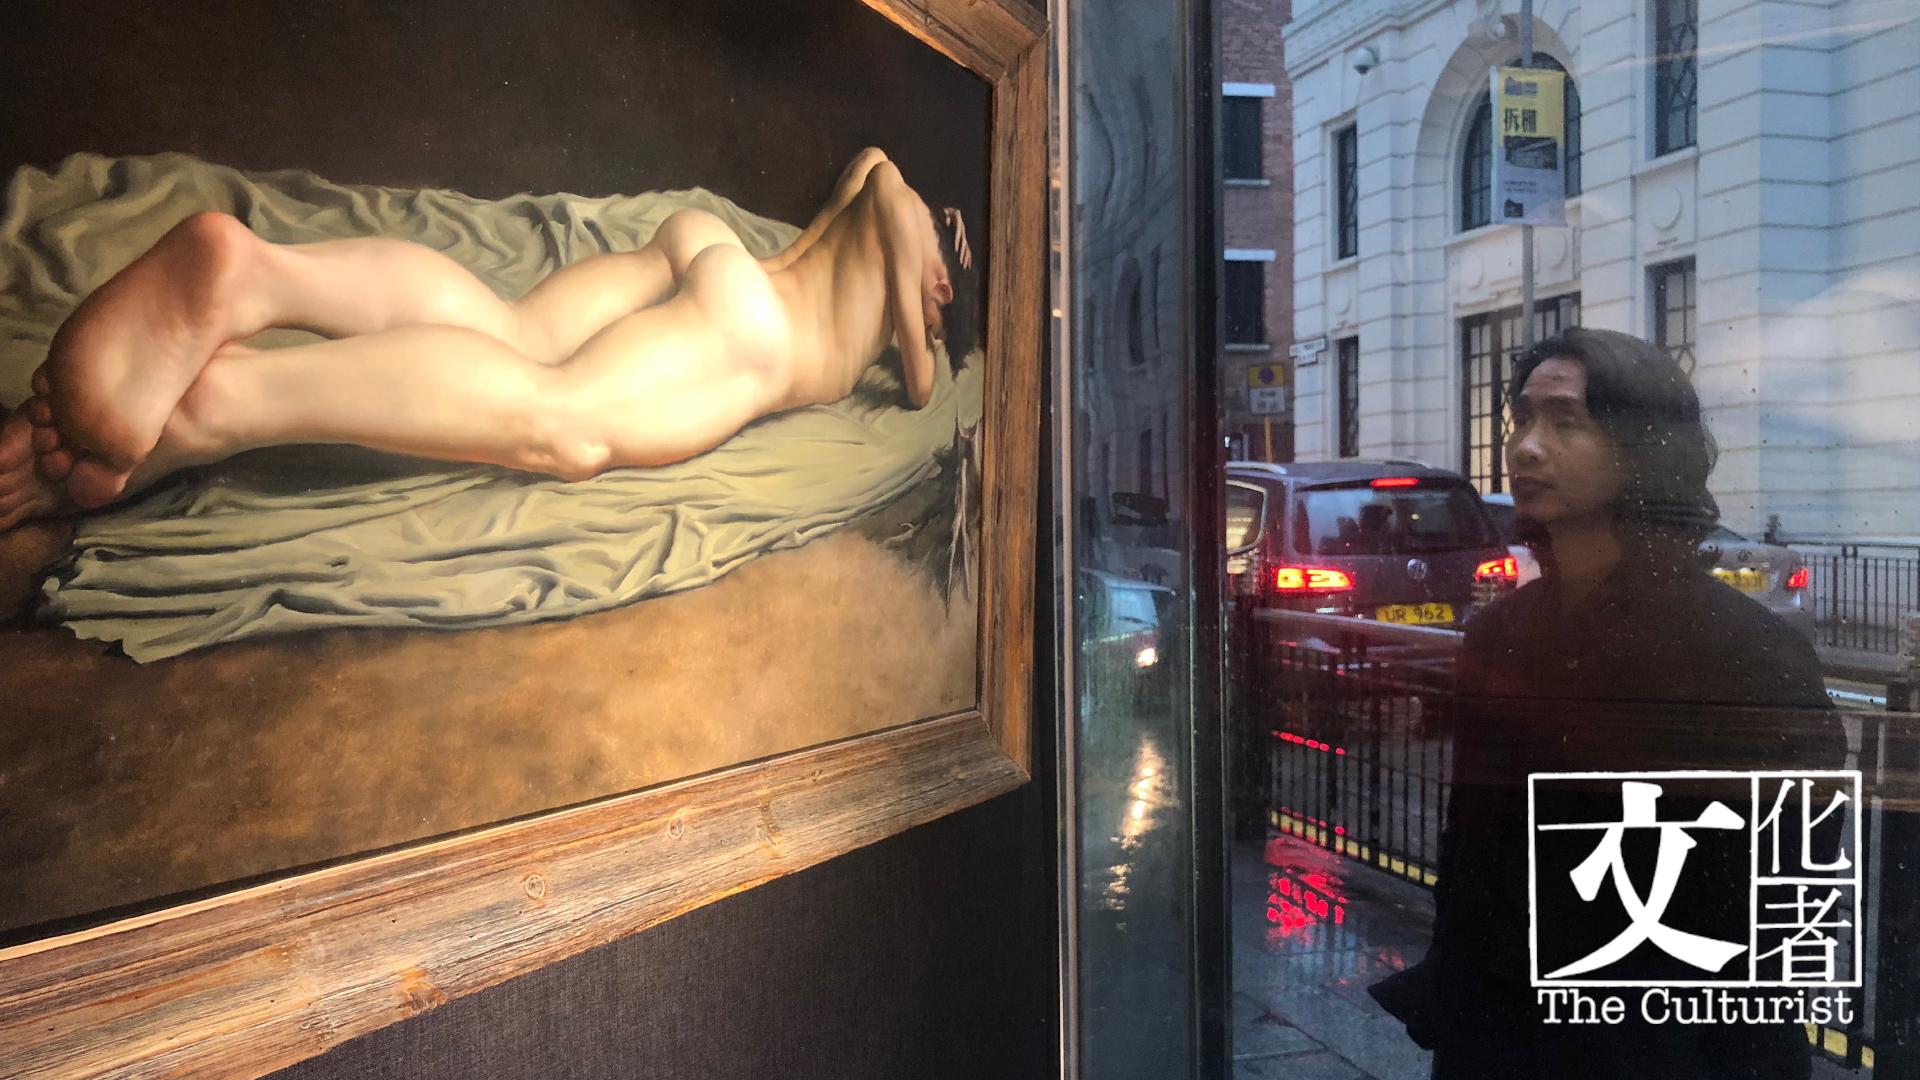 林金福個展「醉與夢」